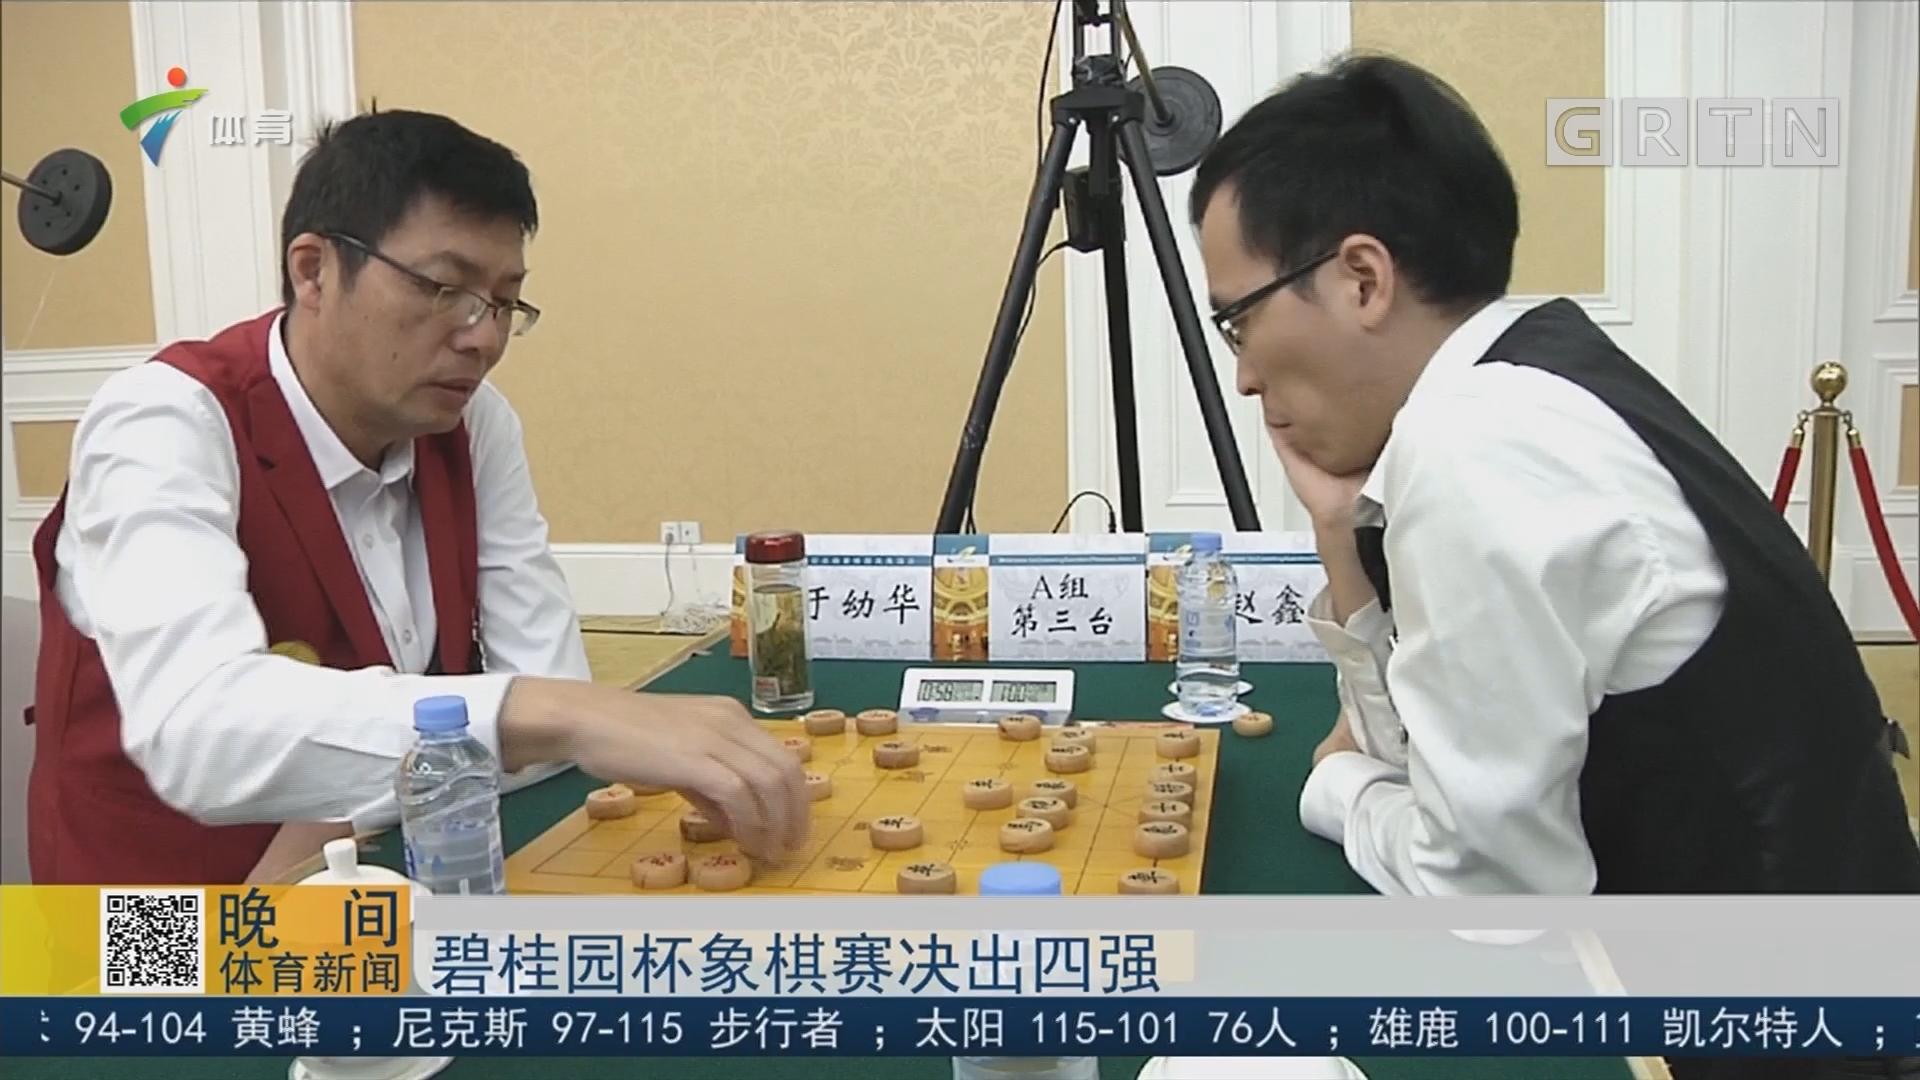 碧桂园杯象棋赛决出四强